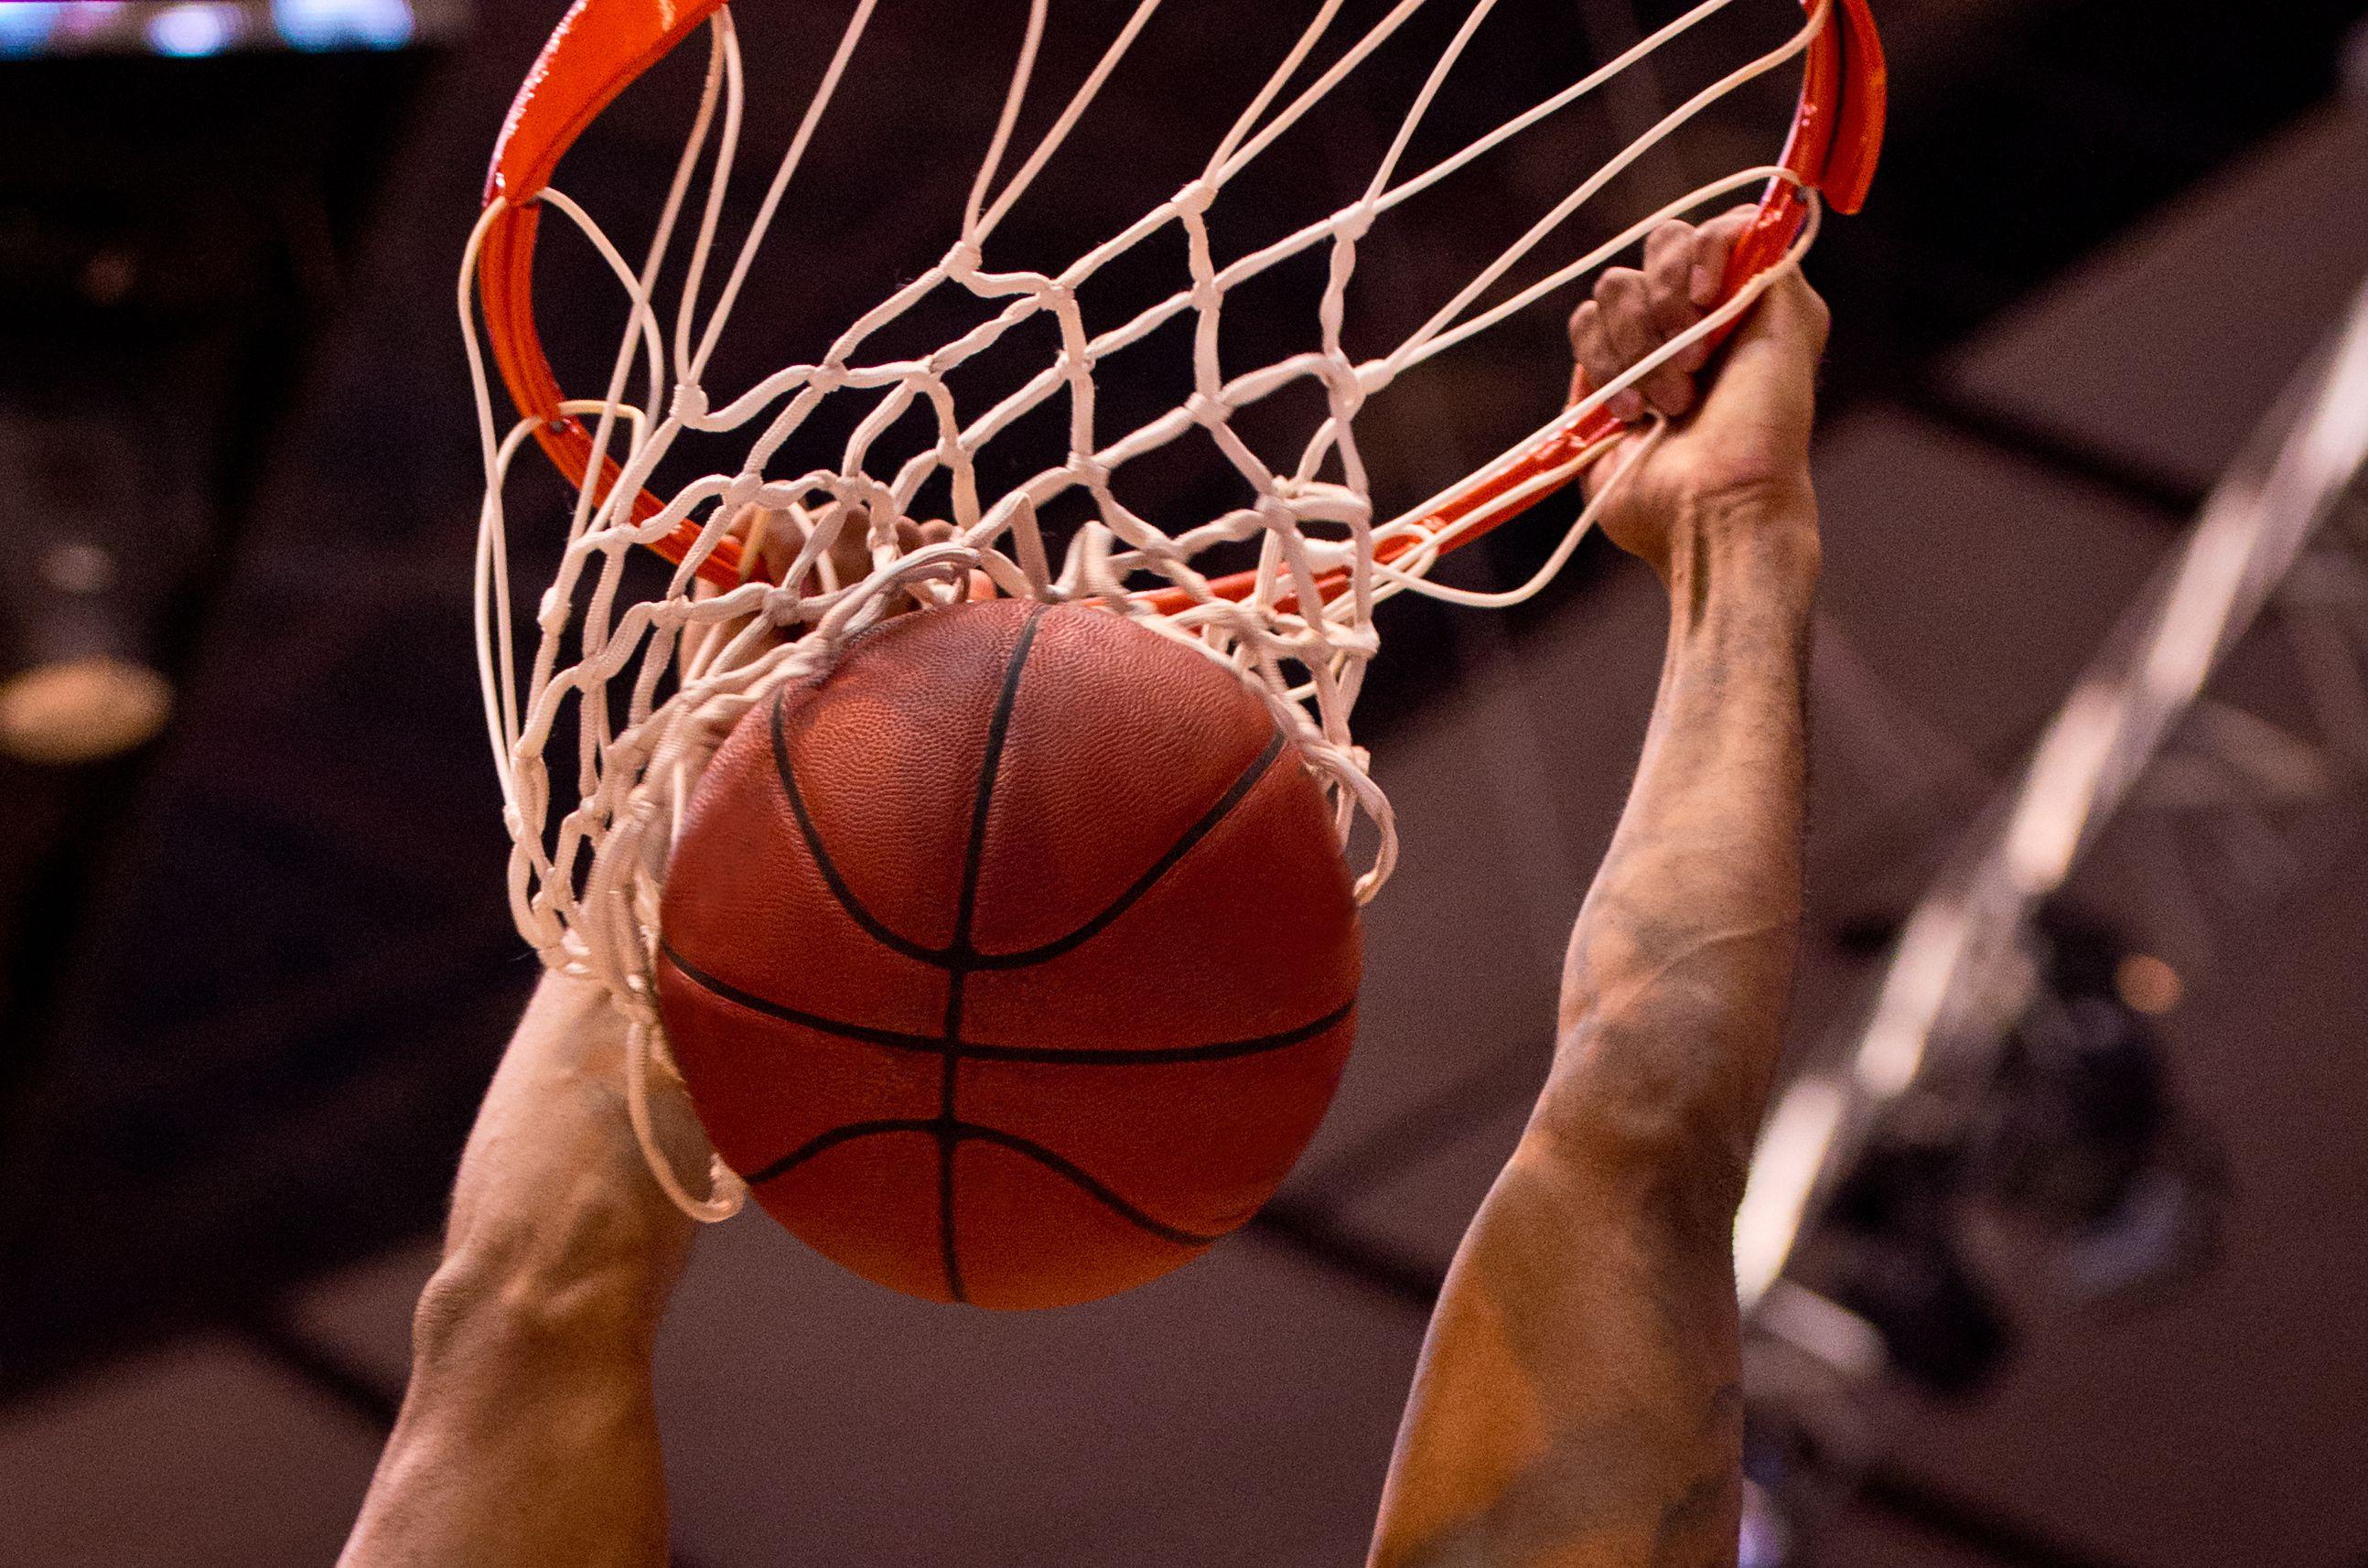 مخيف عشرة العاشر جمل عن كرة السلة بالانجليزي Sjvbca Org